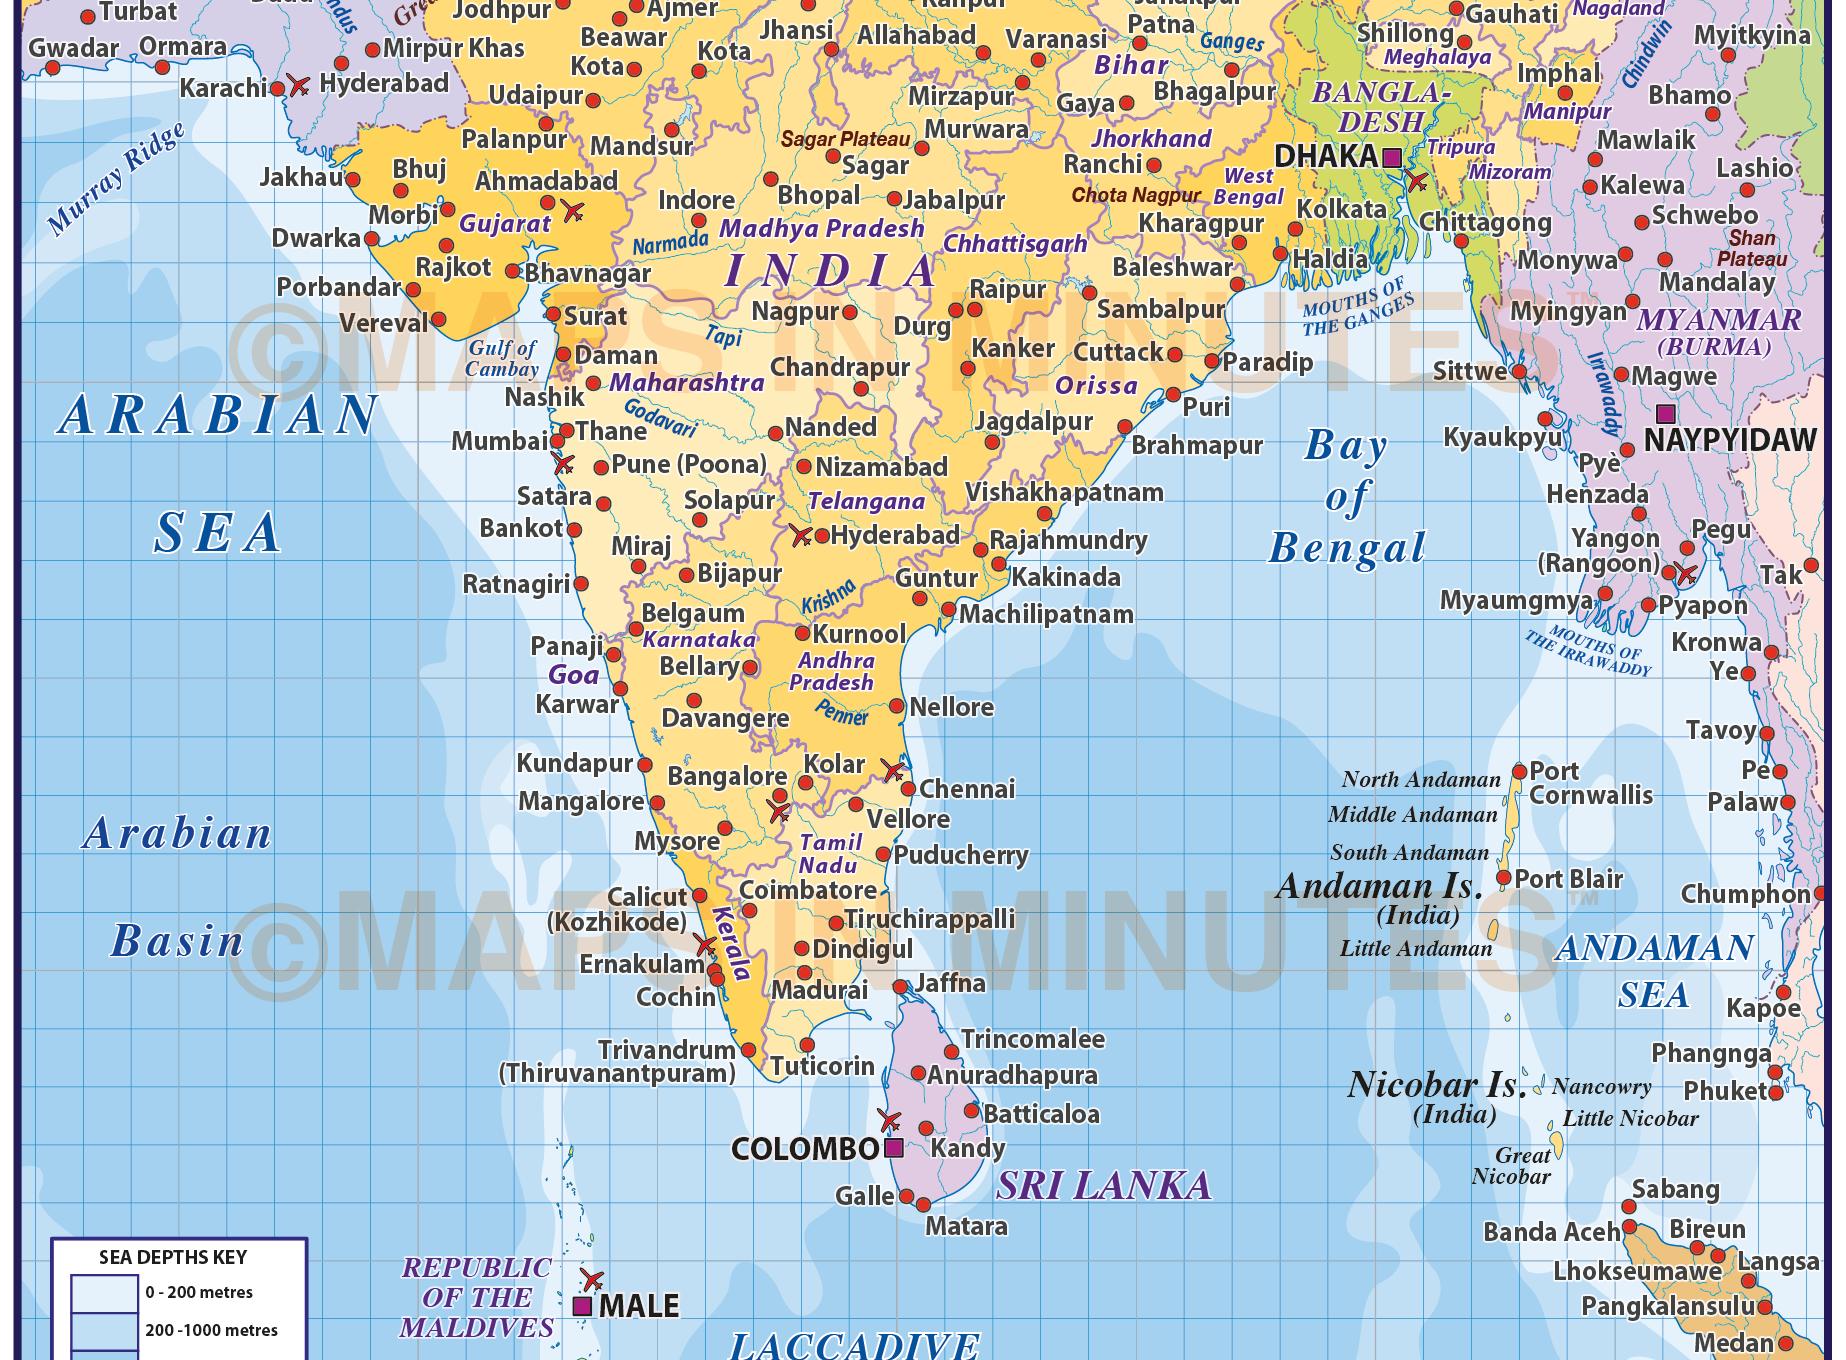 newindiaseacontdet2 India States Map Detailed on detailed california map, detailed tinian map, detailed china map, detailed latin america map, detailed cambodia map, detailed mexico map, detailed canada map, detailed lebanon map, detailed england map, bombay mumbai on a map, detailed uruguay map, detailed global map, detailed europe map, detailed norway map, detailed morocco map, detailed italy map, detailed map australia, detailed us map, detailed language map, detailed world map,